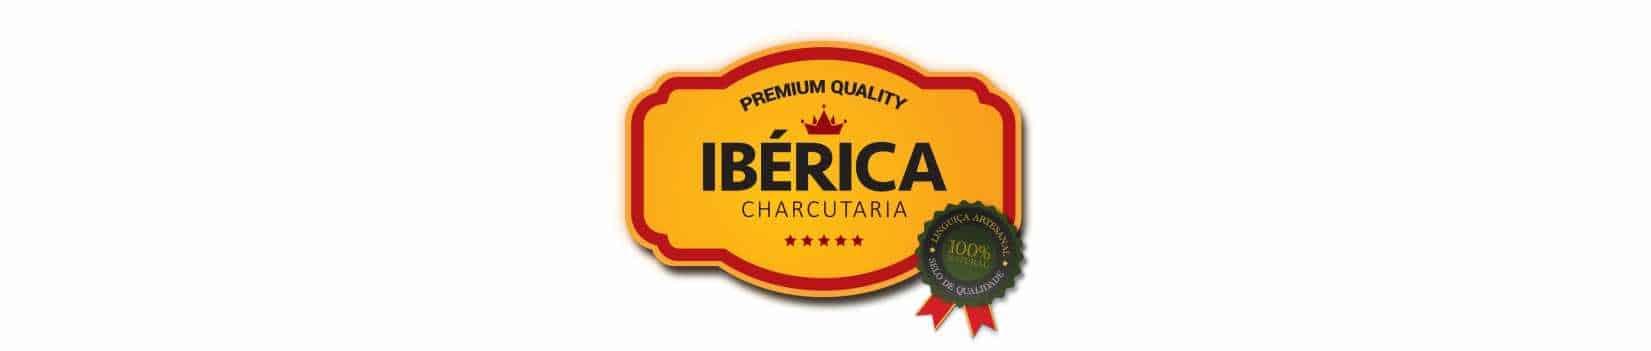 Ibérica Charcutaria